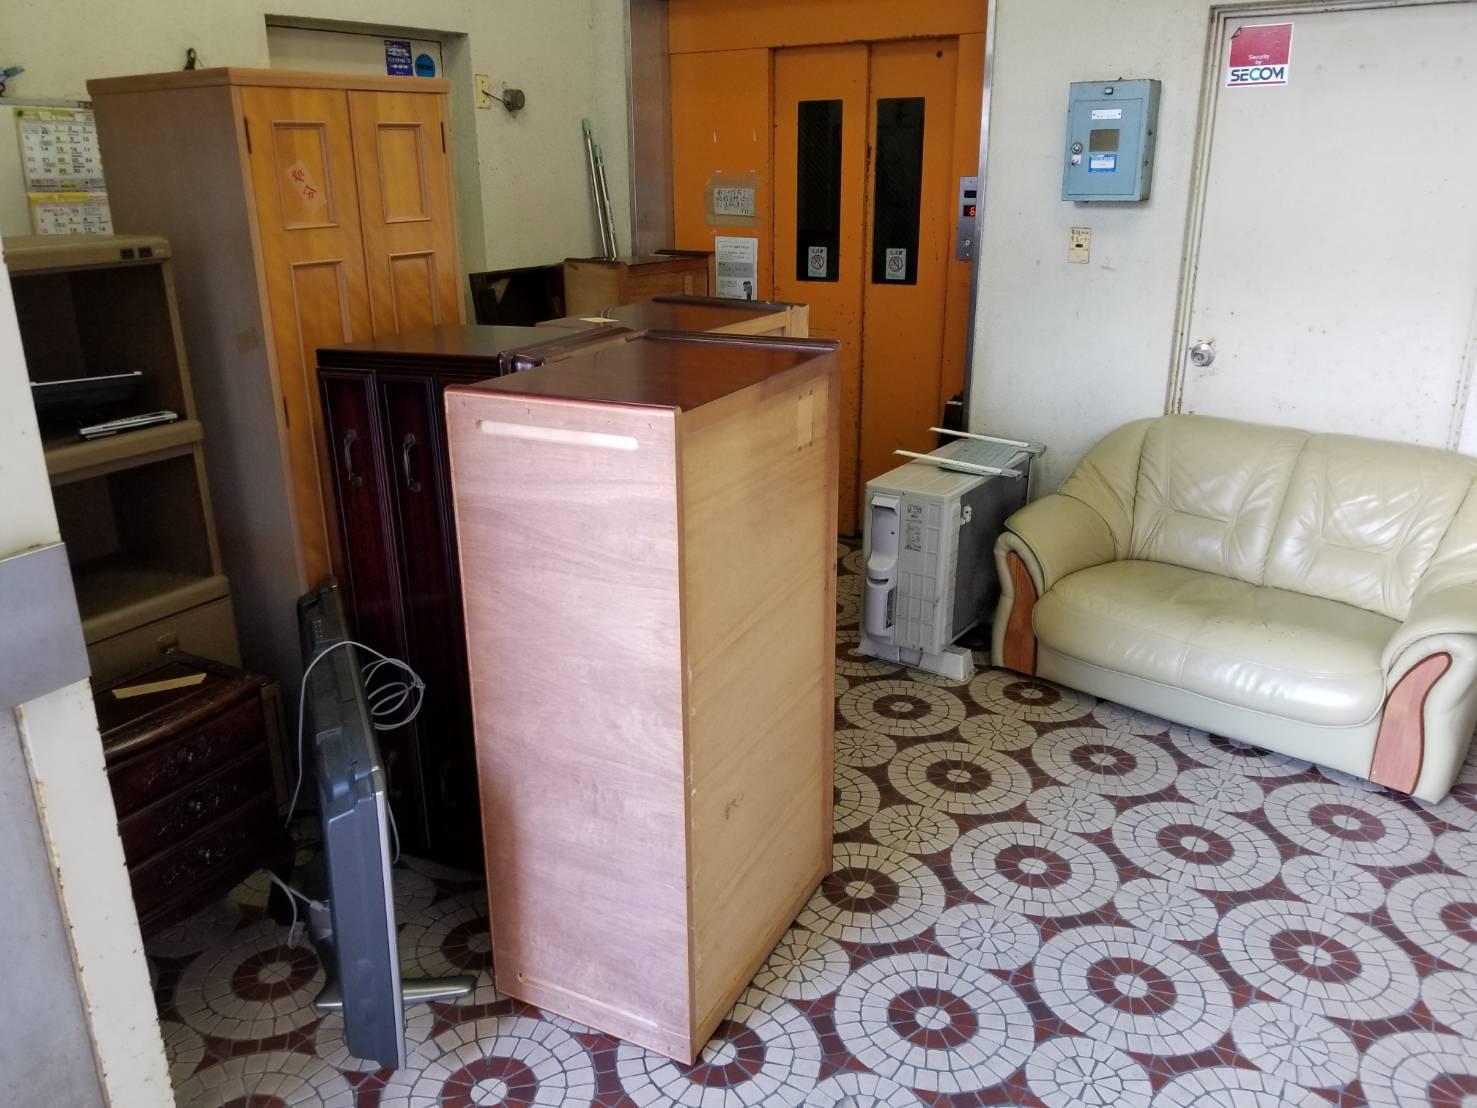 ソファーやタンスなどの家具類の回収前